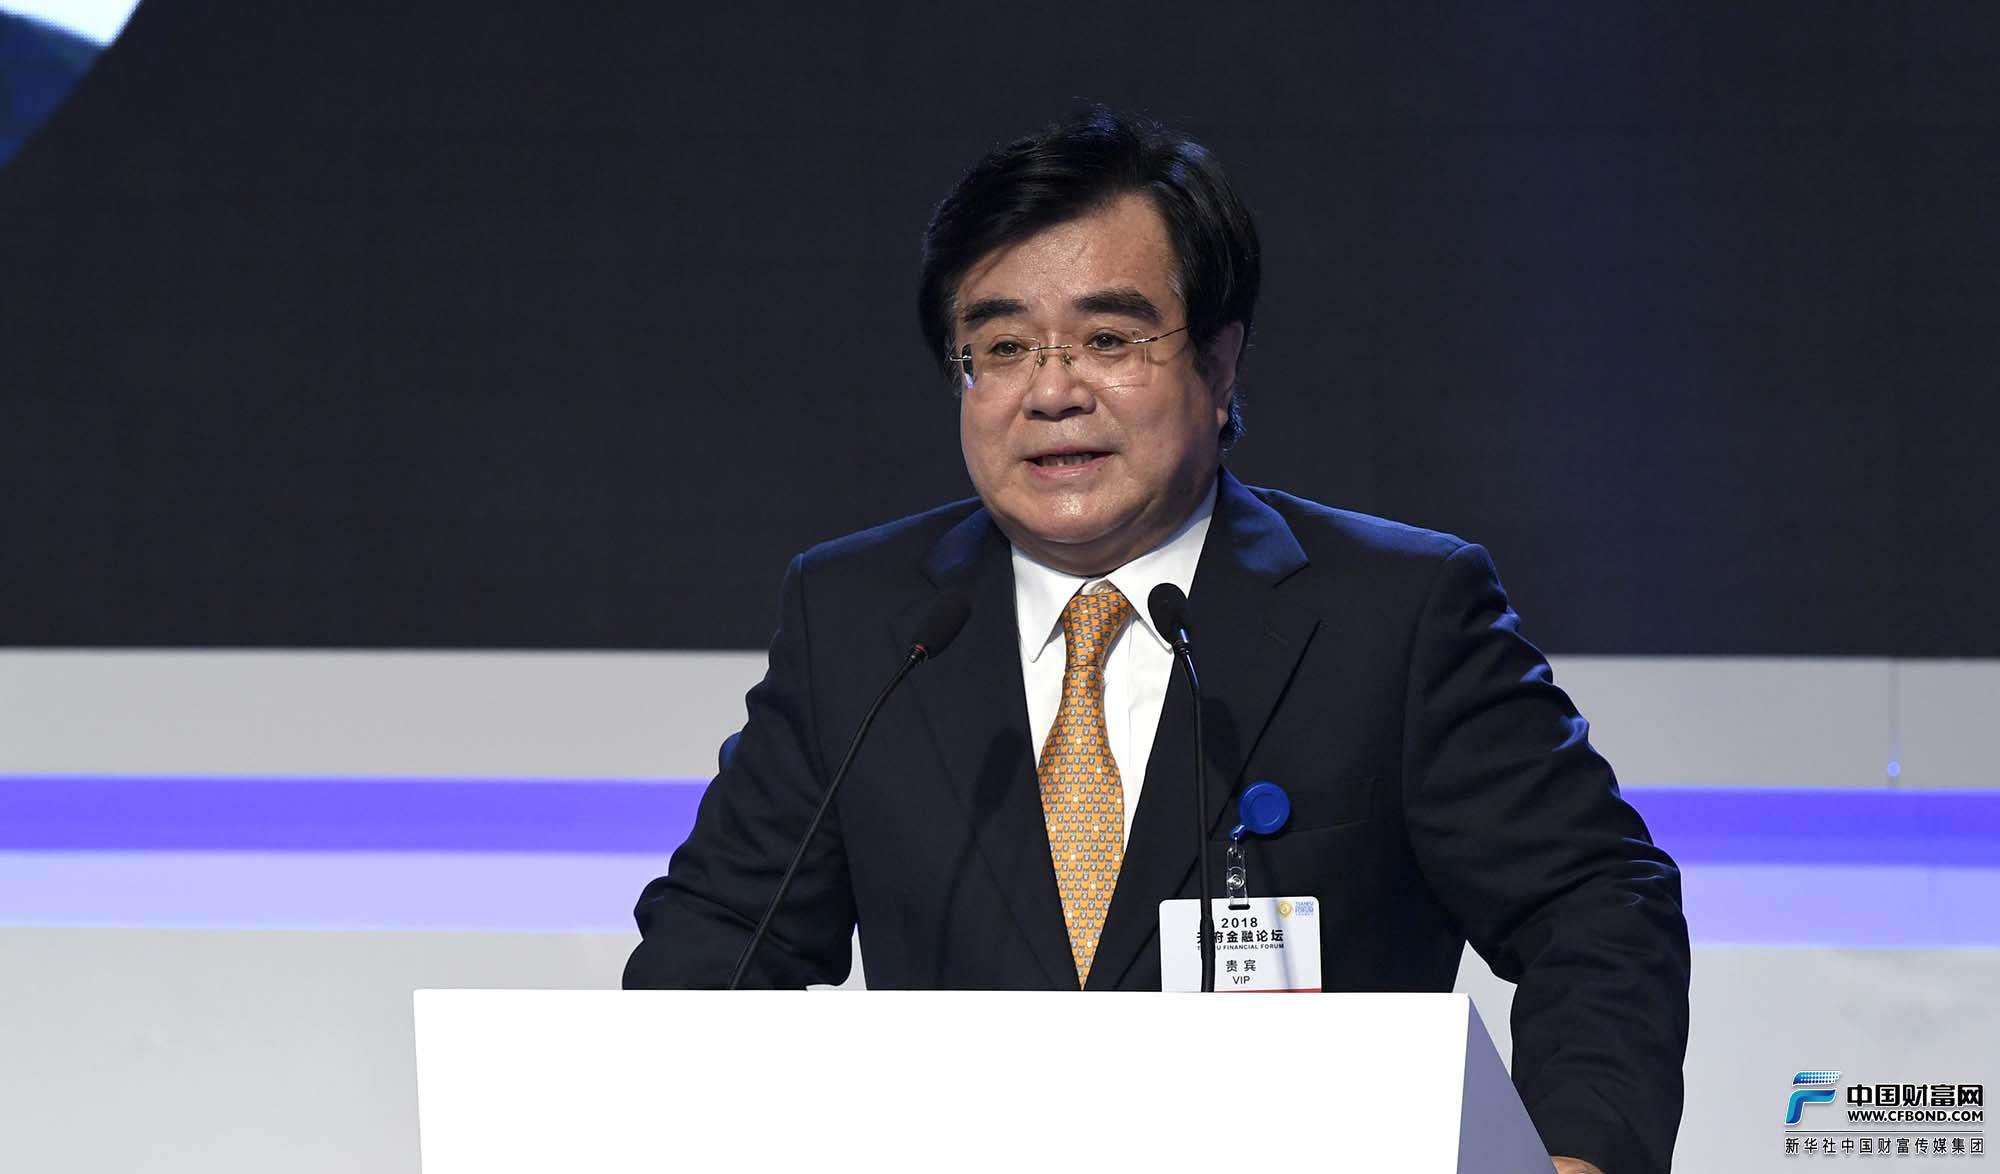 全国政协委员、中国保监会原副主席周延礼发表主旨演讲